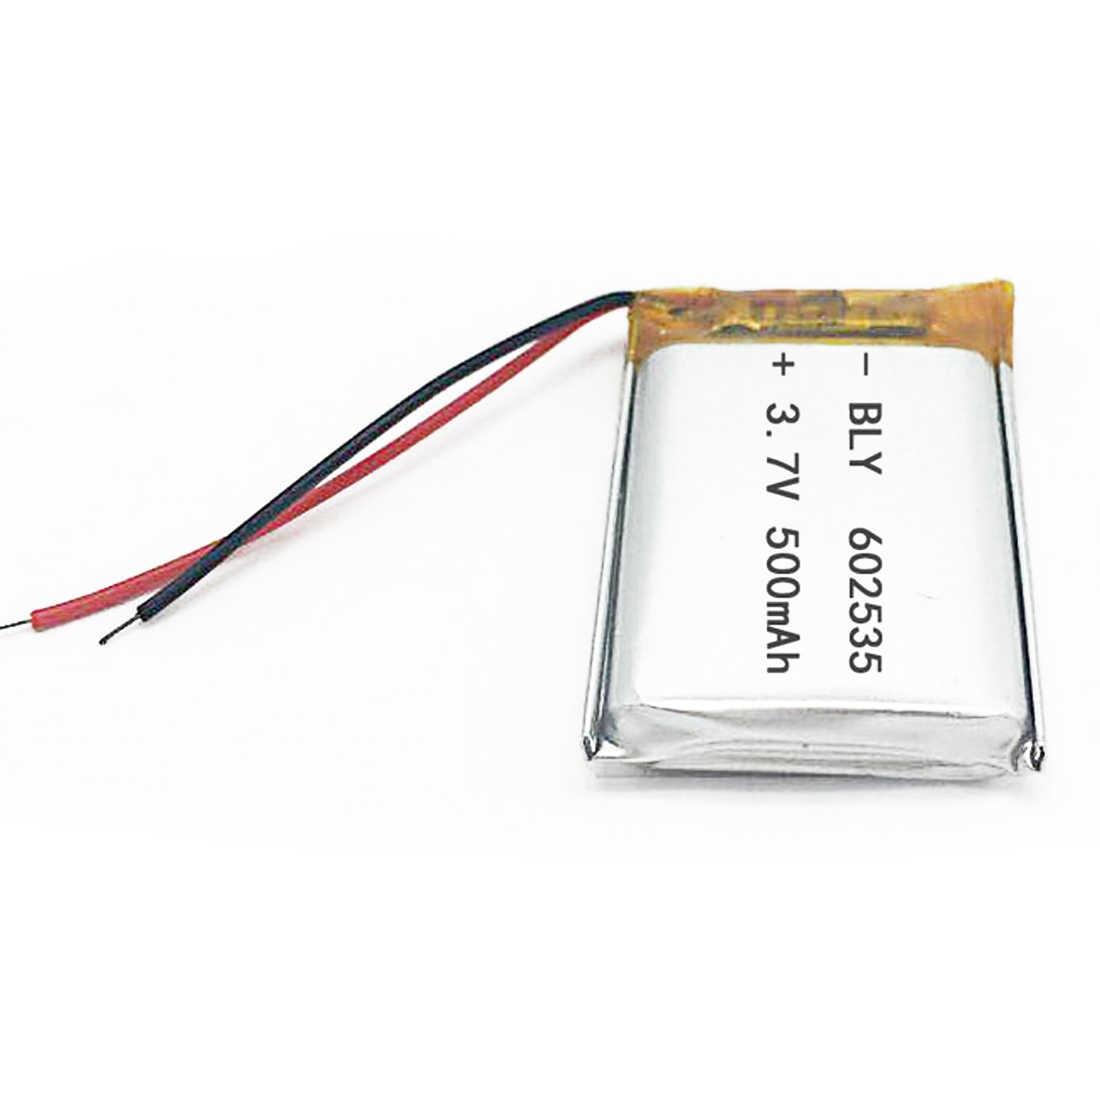 Перезаряжаемые литий-полимерный аккумулятор Батарея 3,7 V 500 мА/ч, 602535 зарядное устройство для литий-ионные аккумуляторы для MIO тахограф hp F300 F200 QStar A5 видеорегистратор parkcity